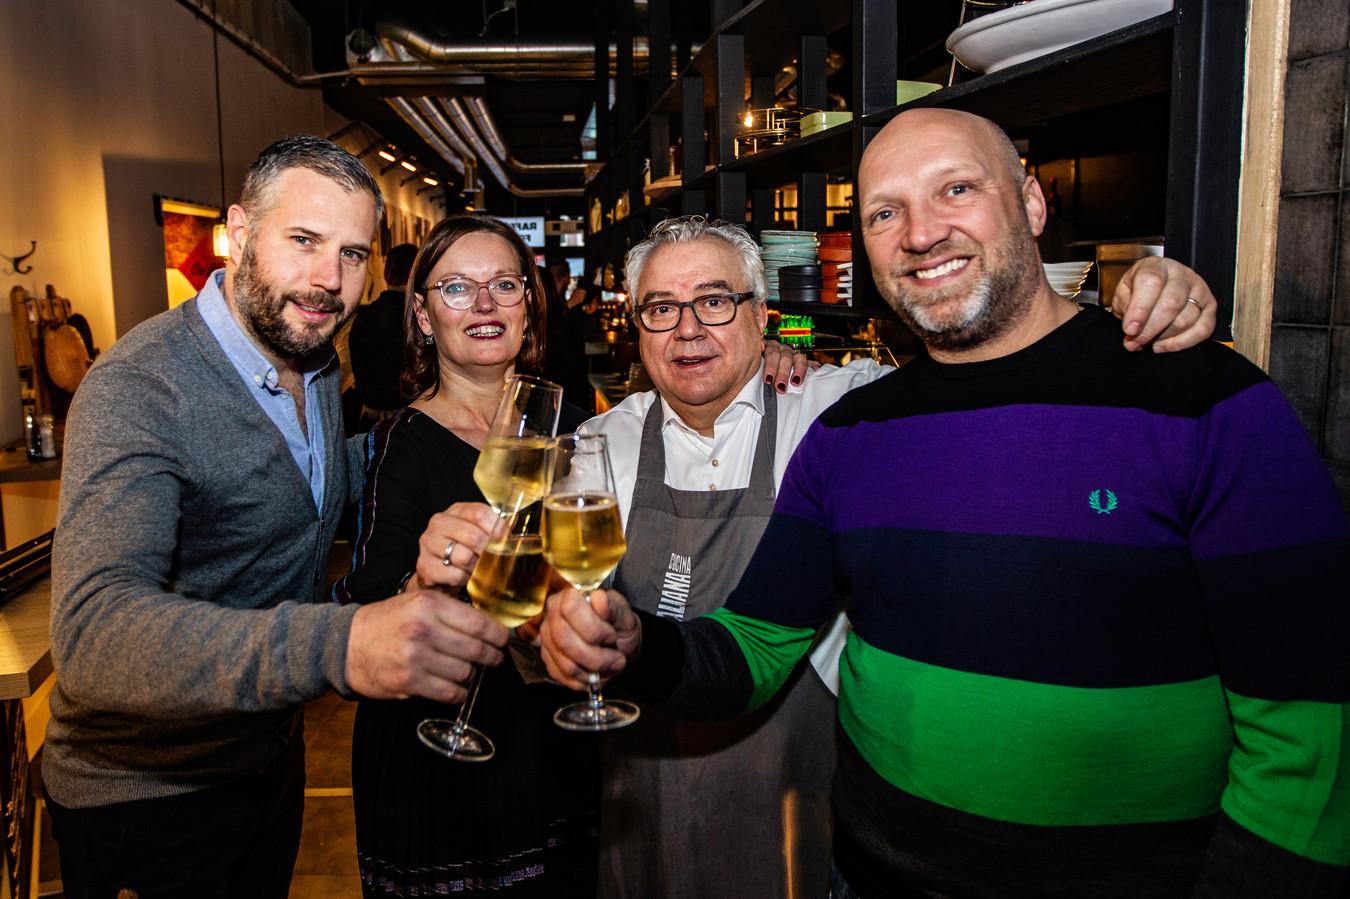 De opening van Raffaele's Foodbar in 2019. Die werd opgeluisterd door Tijl Beckand en Ruben van der Meer.